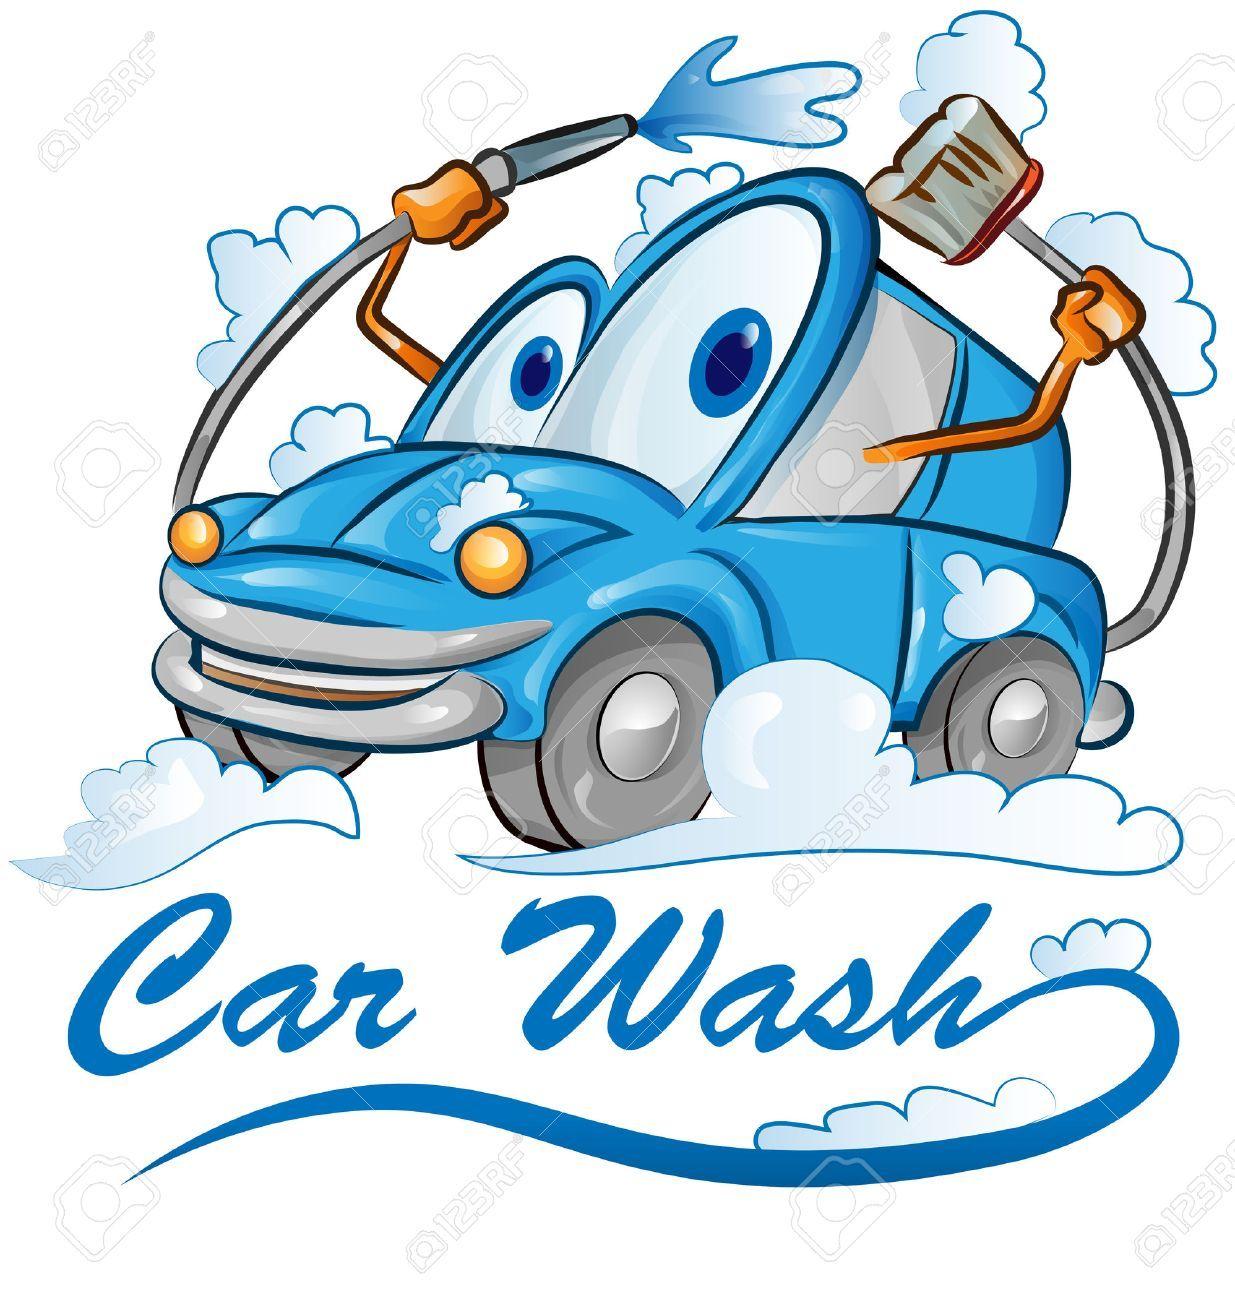 Car wash clipart free download 2 » Clipart Portal.